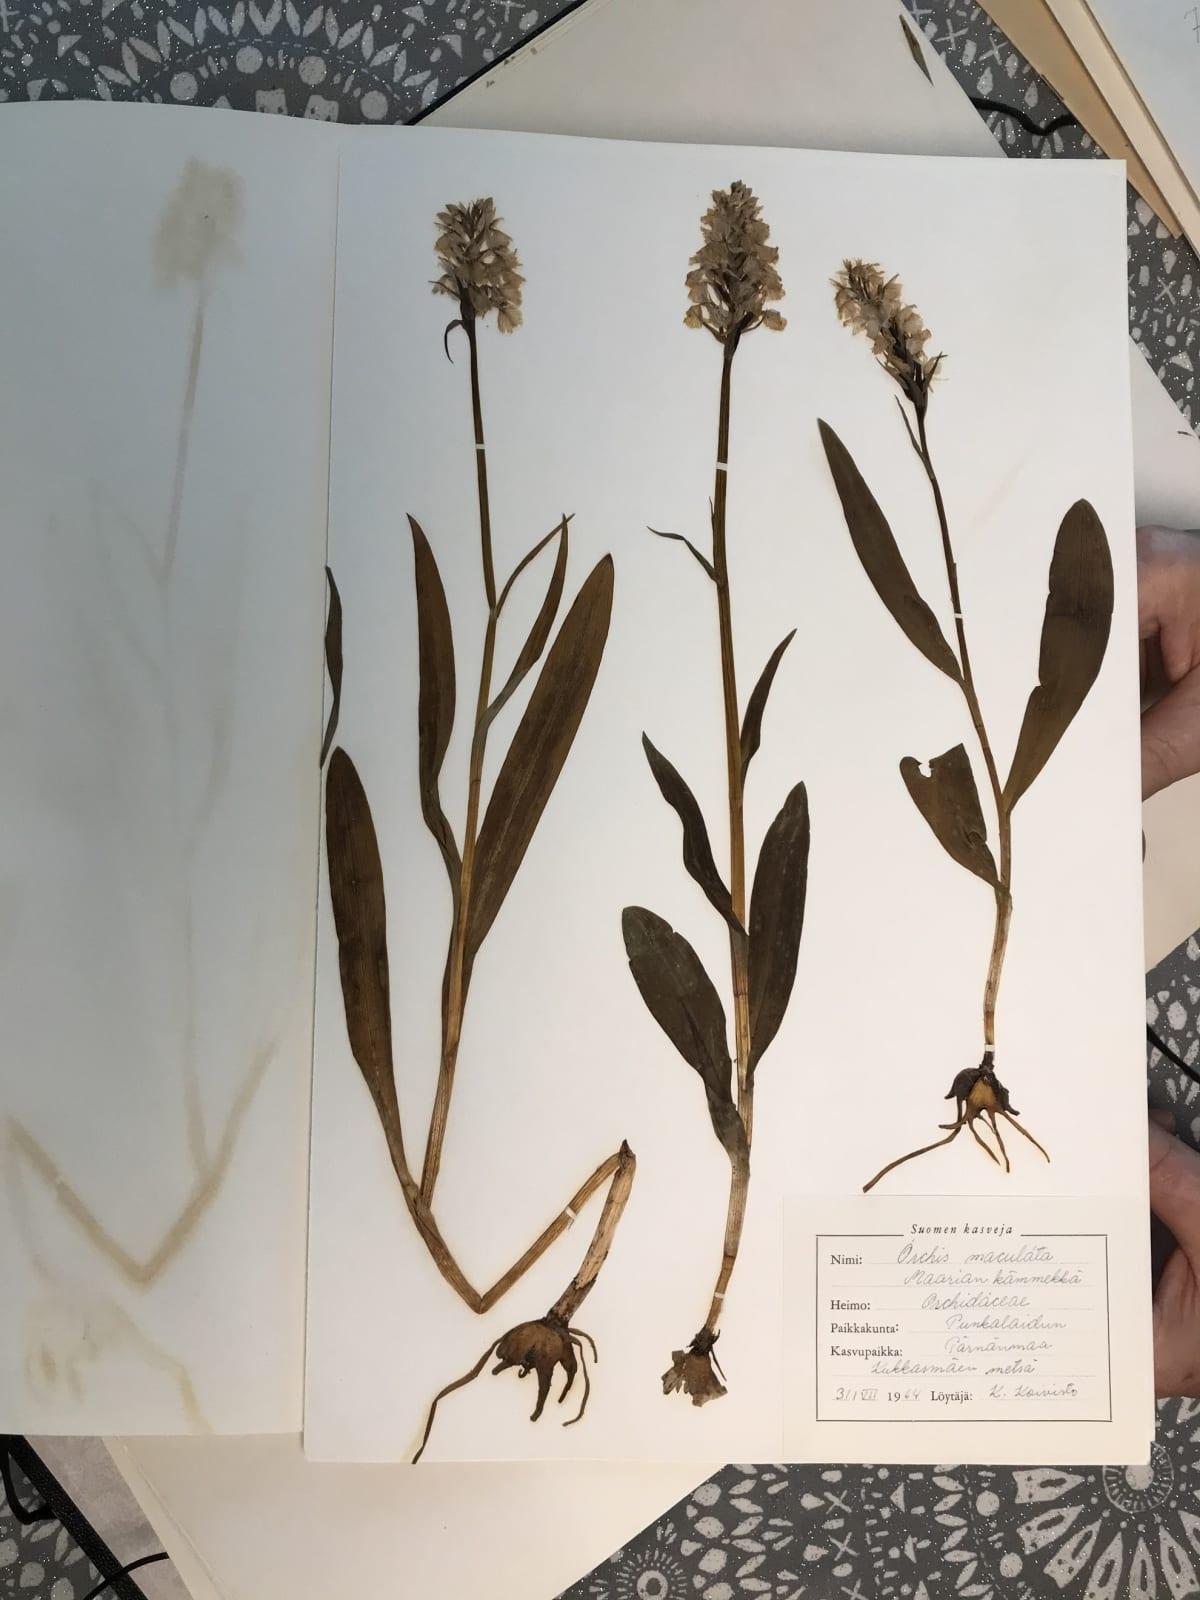 Yksi kasvion harvinaisuuksista on orkideoihin kuuluva maariankämmekkä.